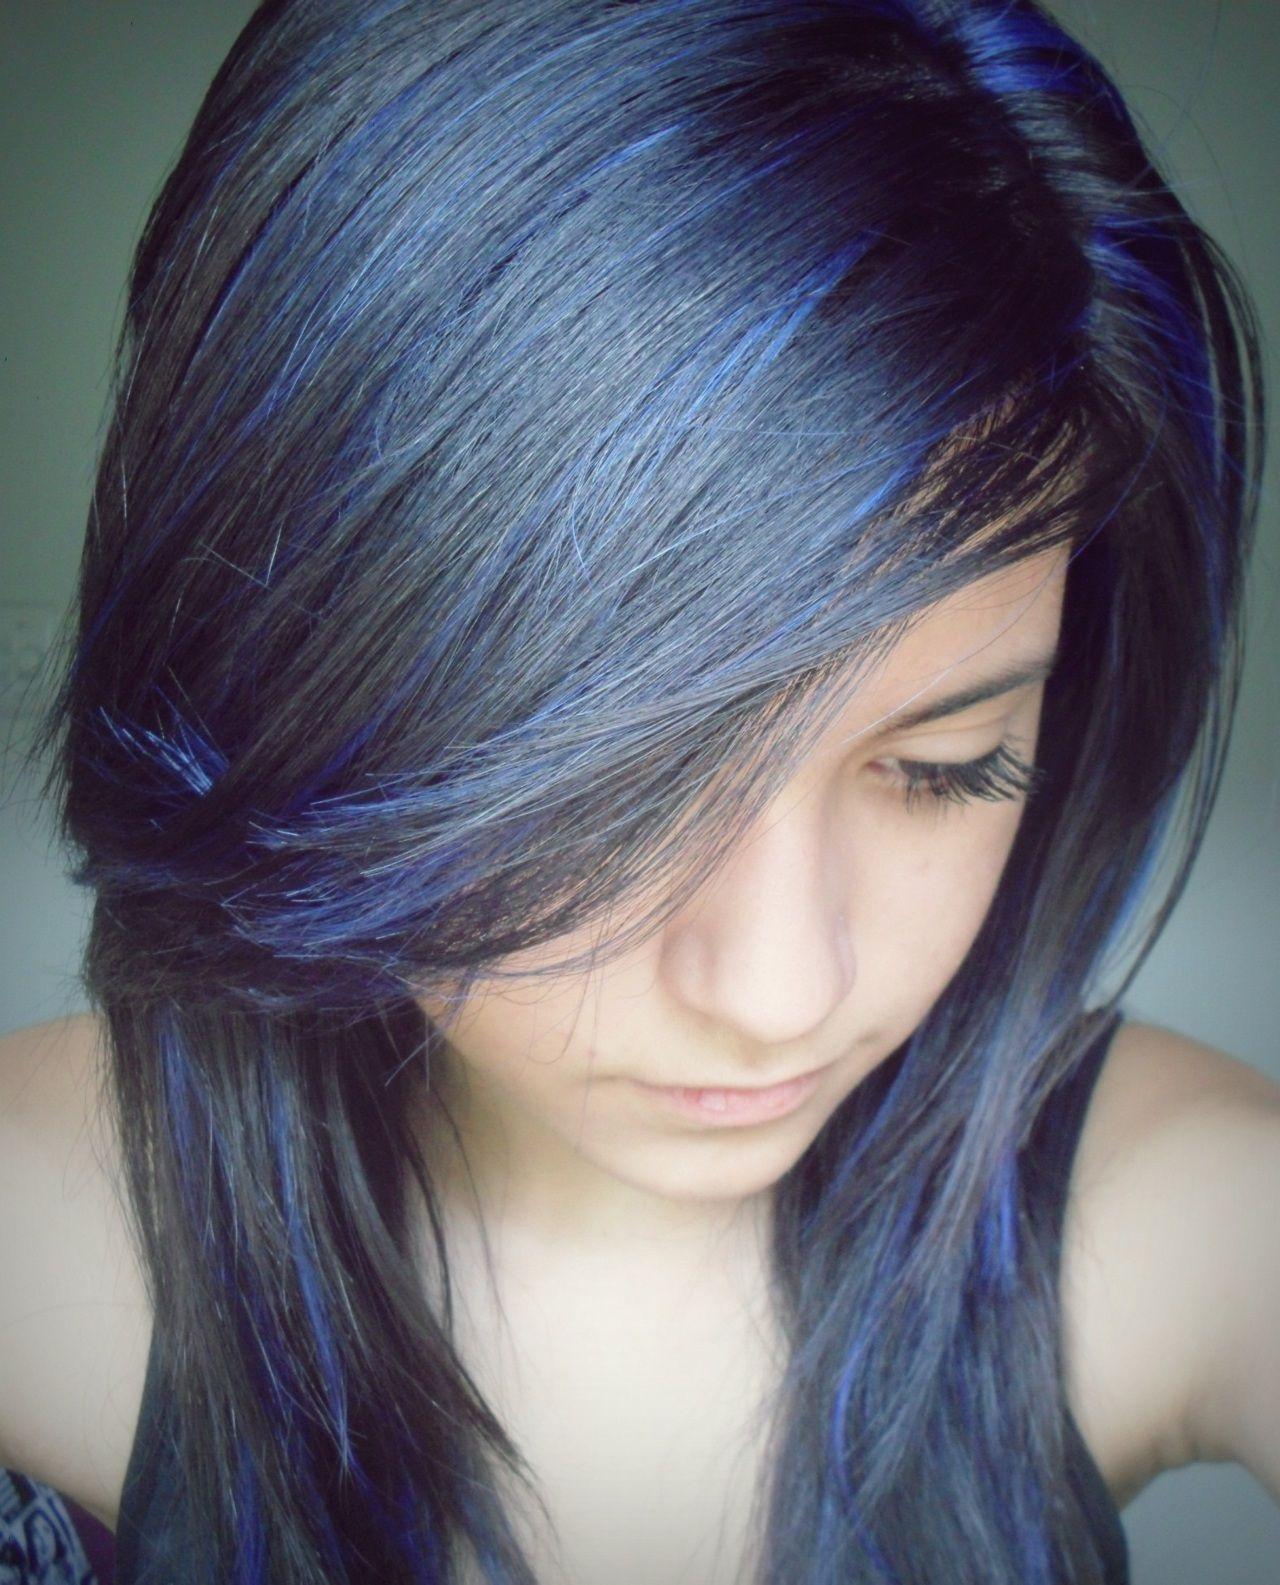 So When I Dye My Hair Black The Purple Already In It Turned Blue